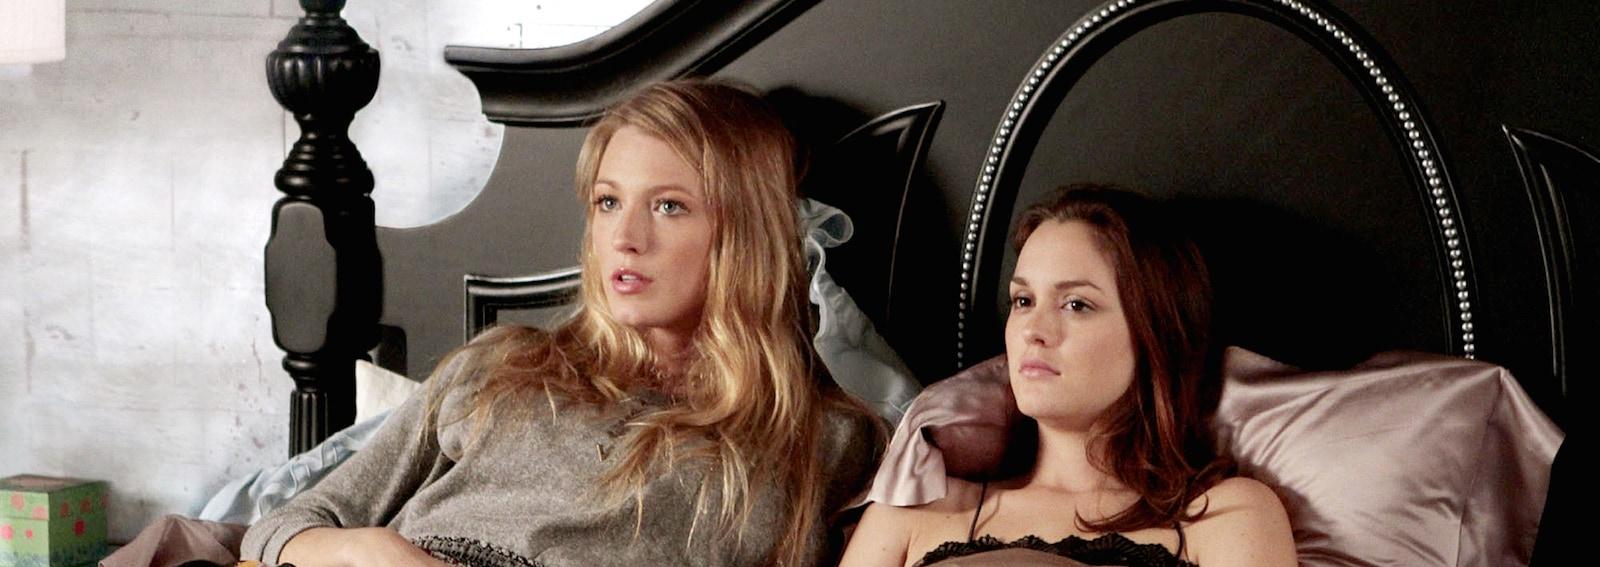 Gossip girl coppia letto